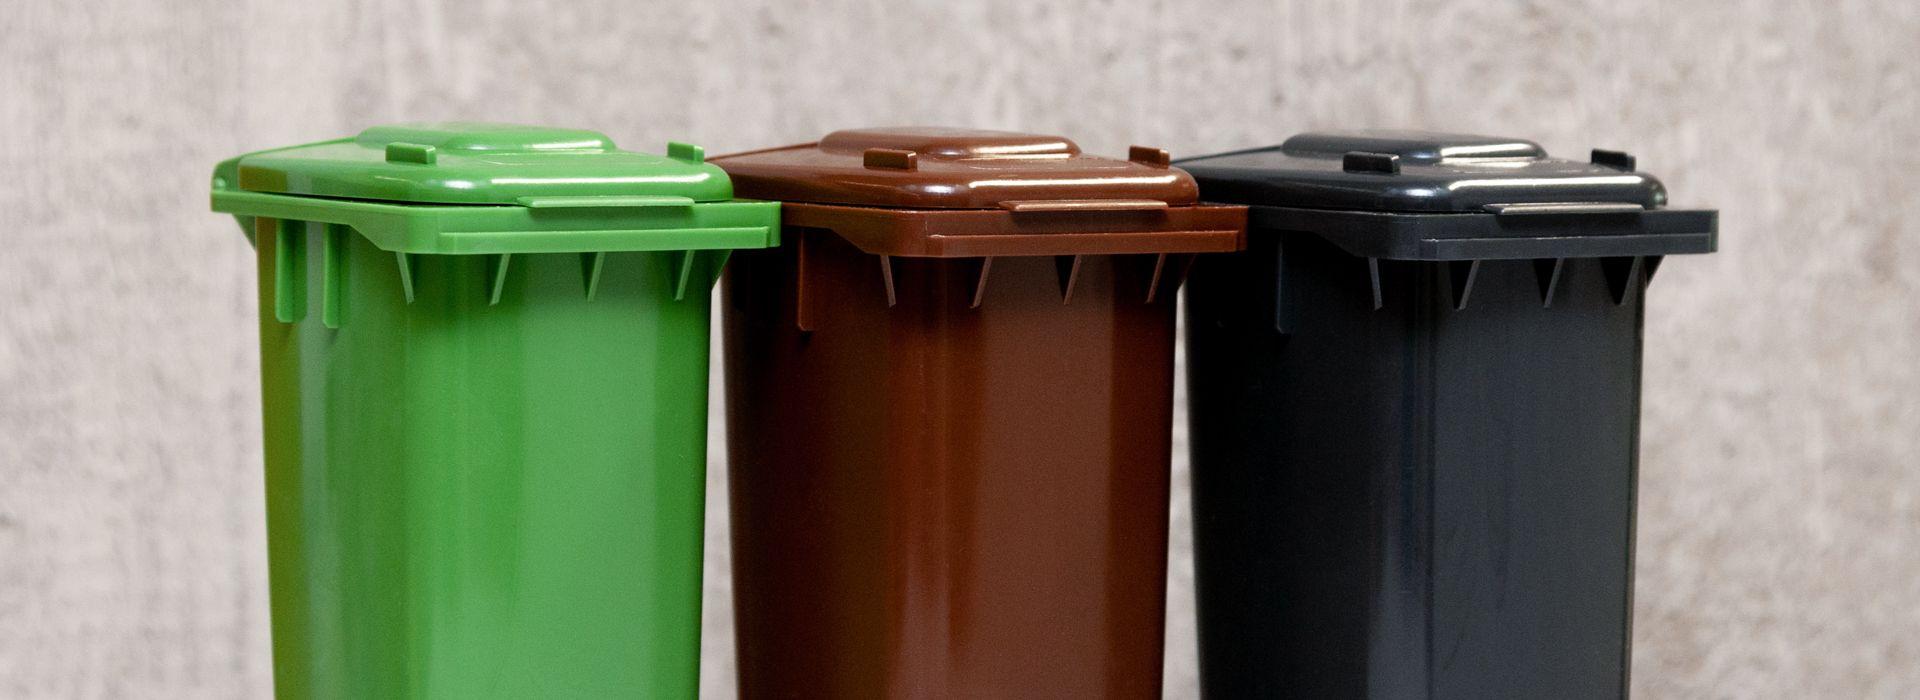 grüne, braune und schwarze Mülltonnen nebeneinander 20190129_Homepage_AVL_49_a_Druck.jpg